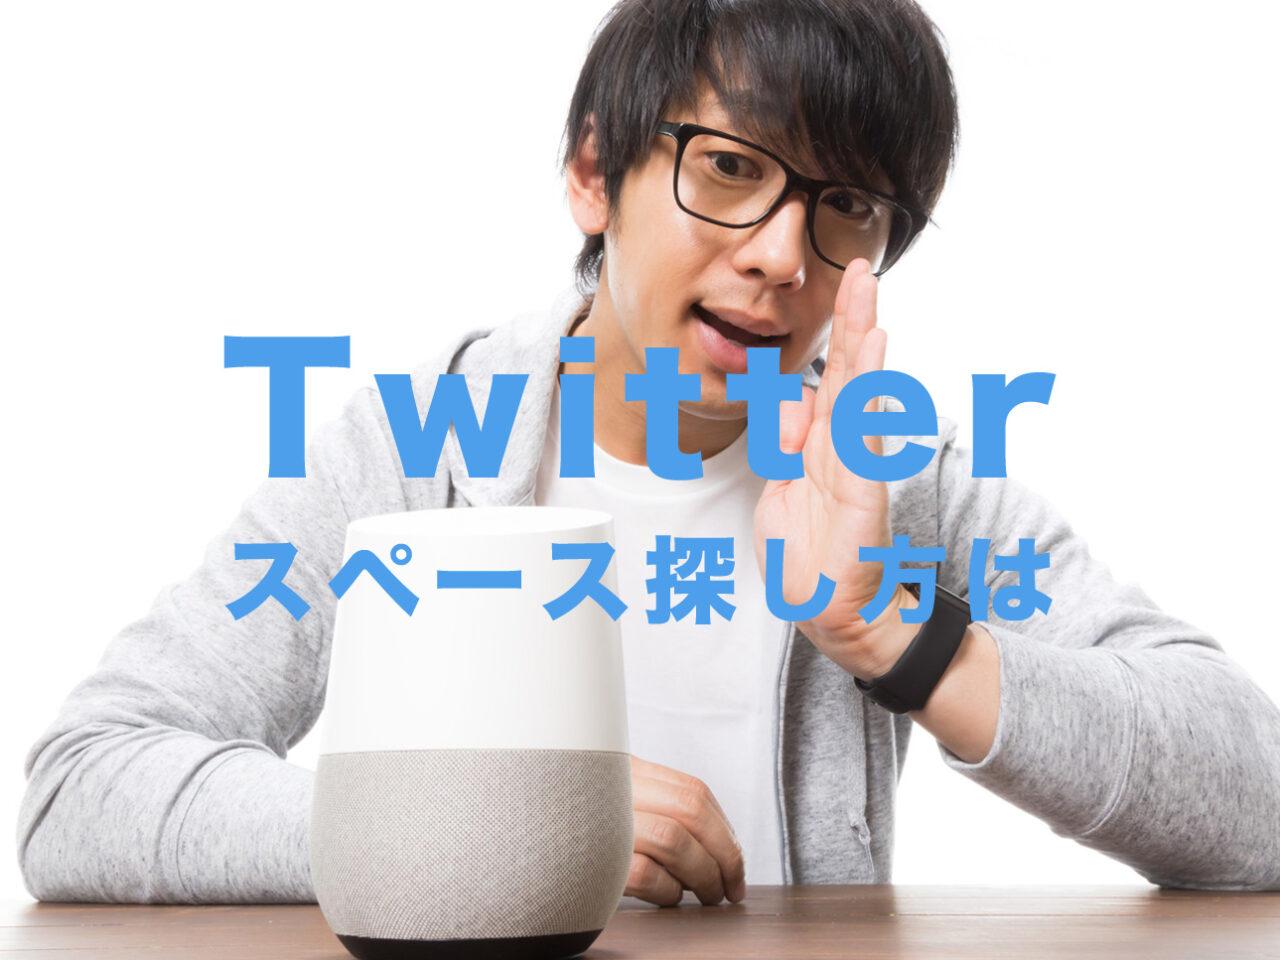 Twitter(ツイッター)でスペースの探し方&検索方法は?見つけ方はどうやって?のサムネイル画像